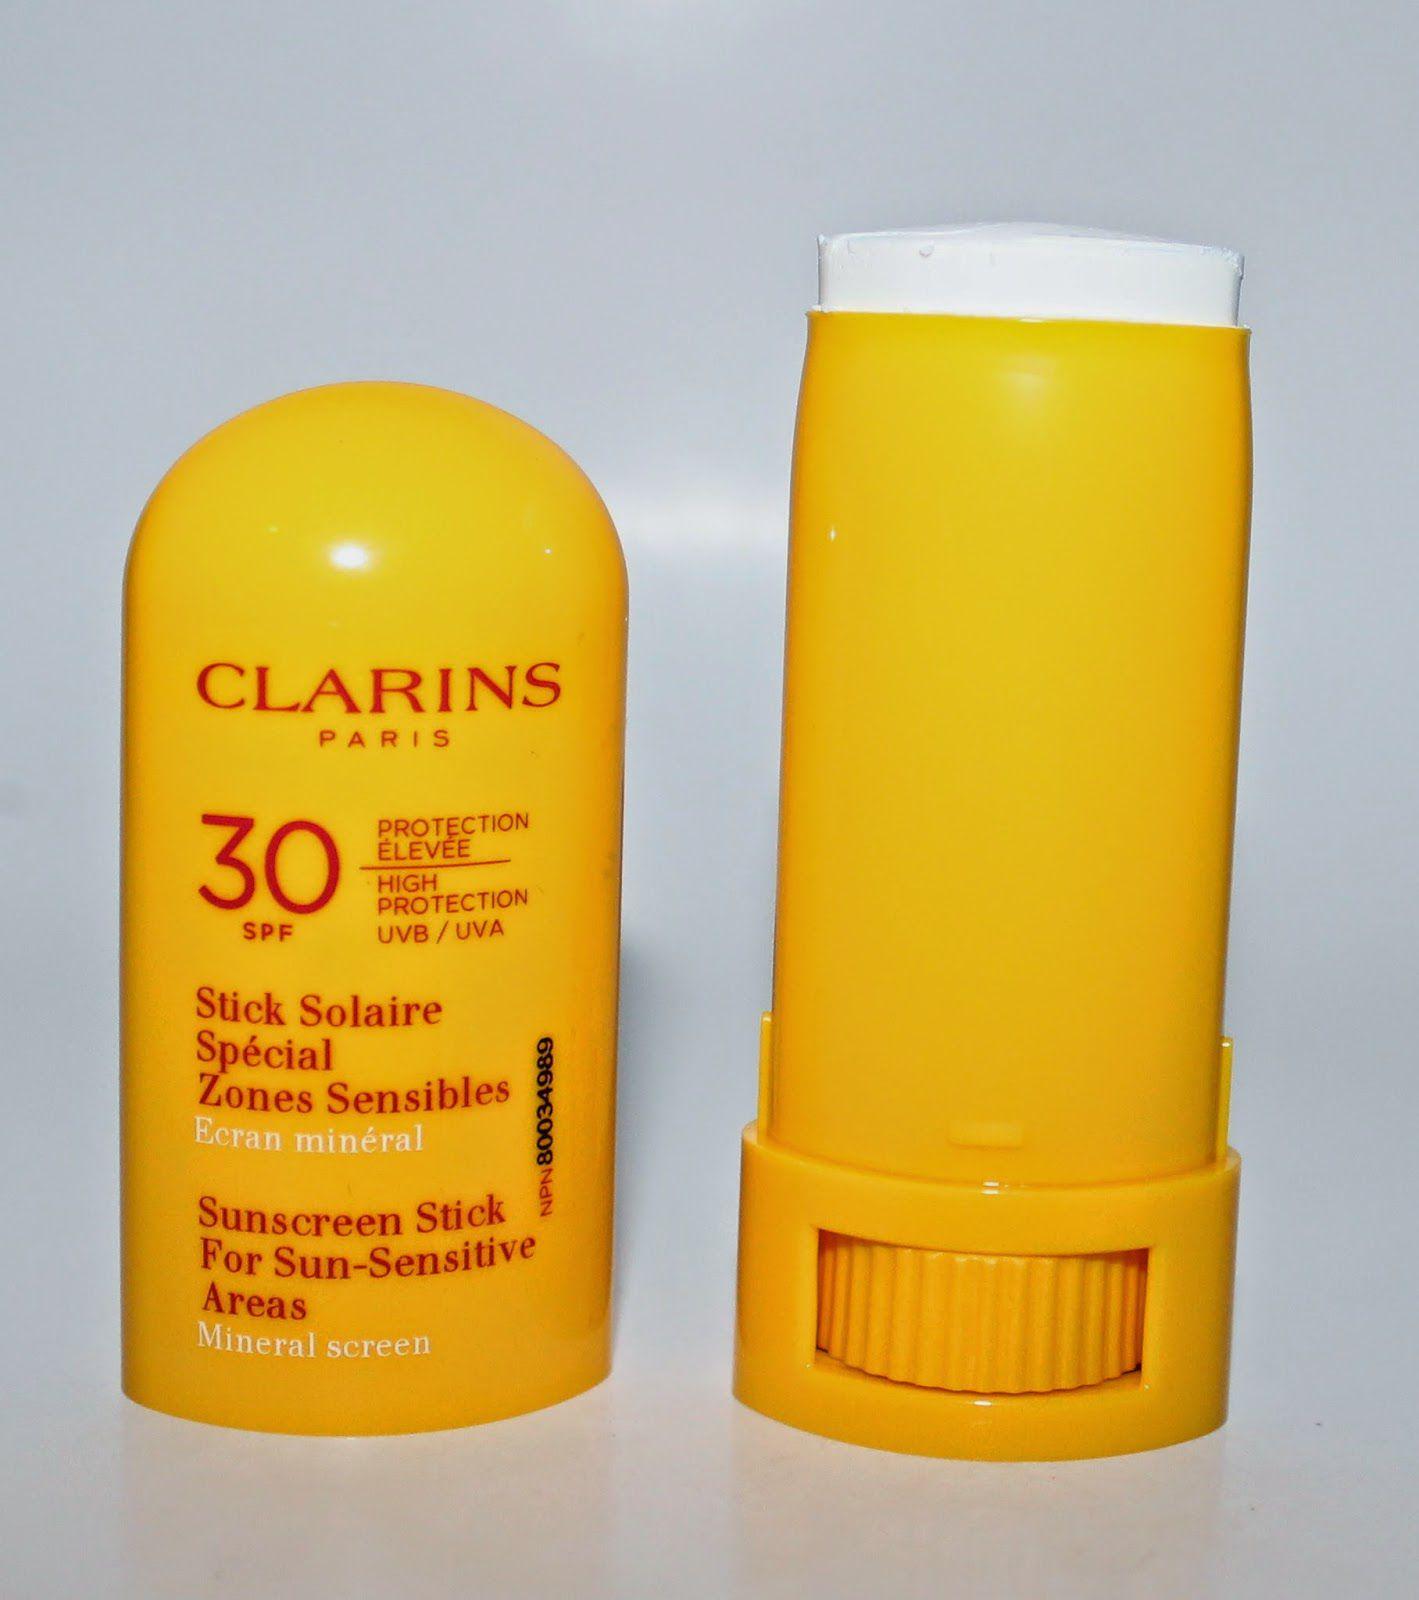 kem chống nắng clarins dạng sáp